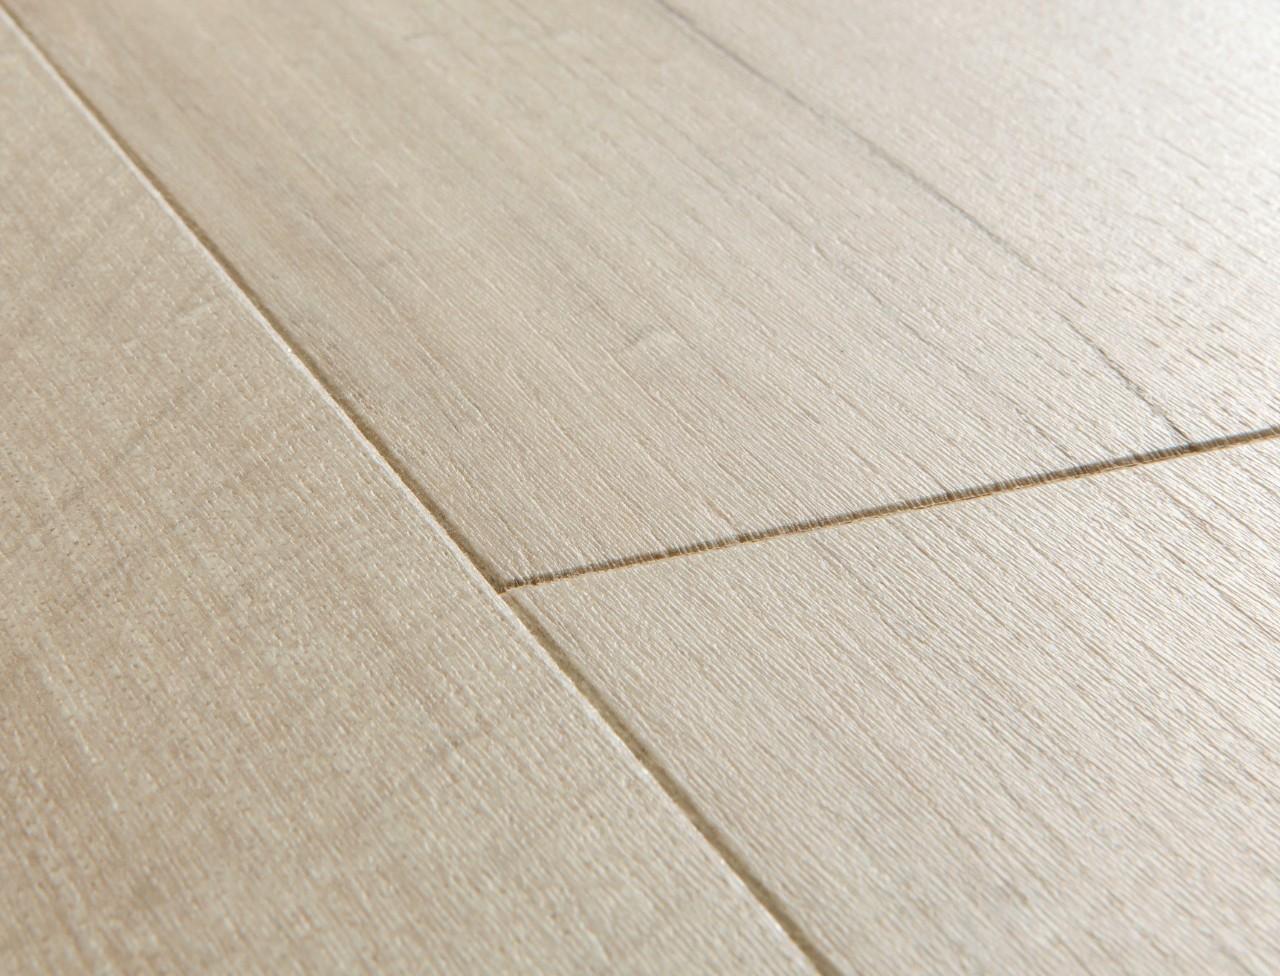 Imu1854 Soft Oak Light Beautiful Laminate Timber